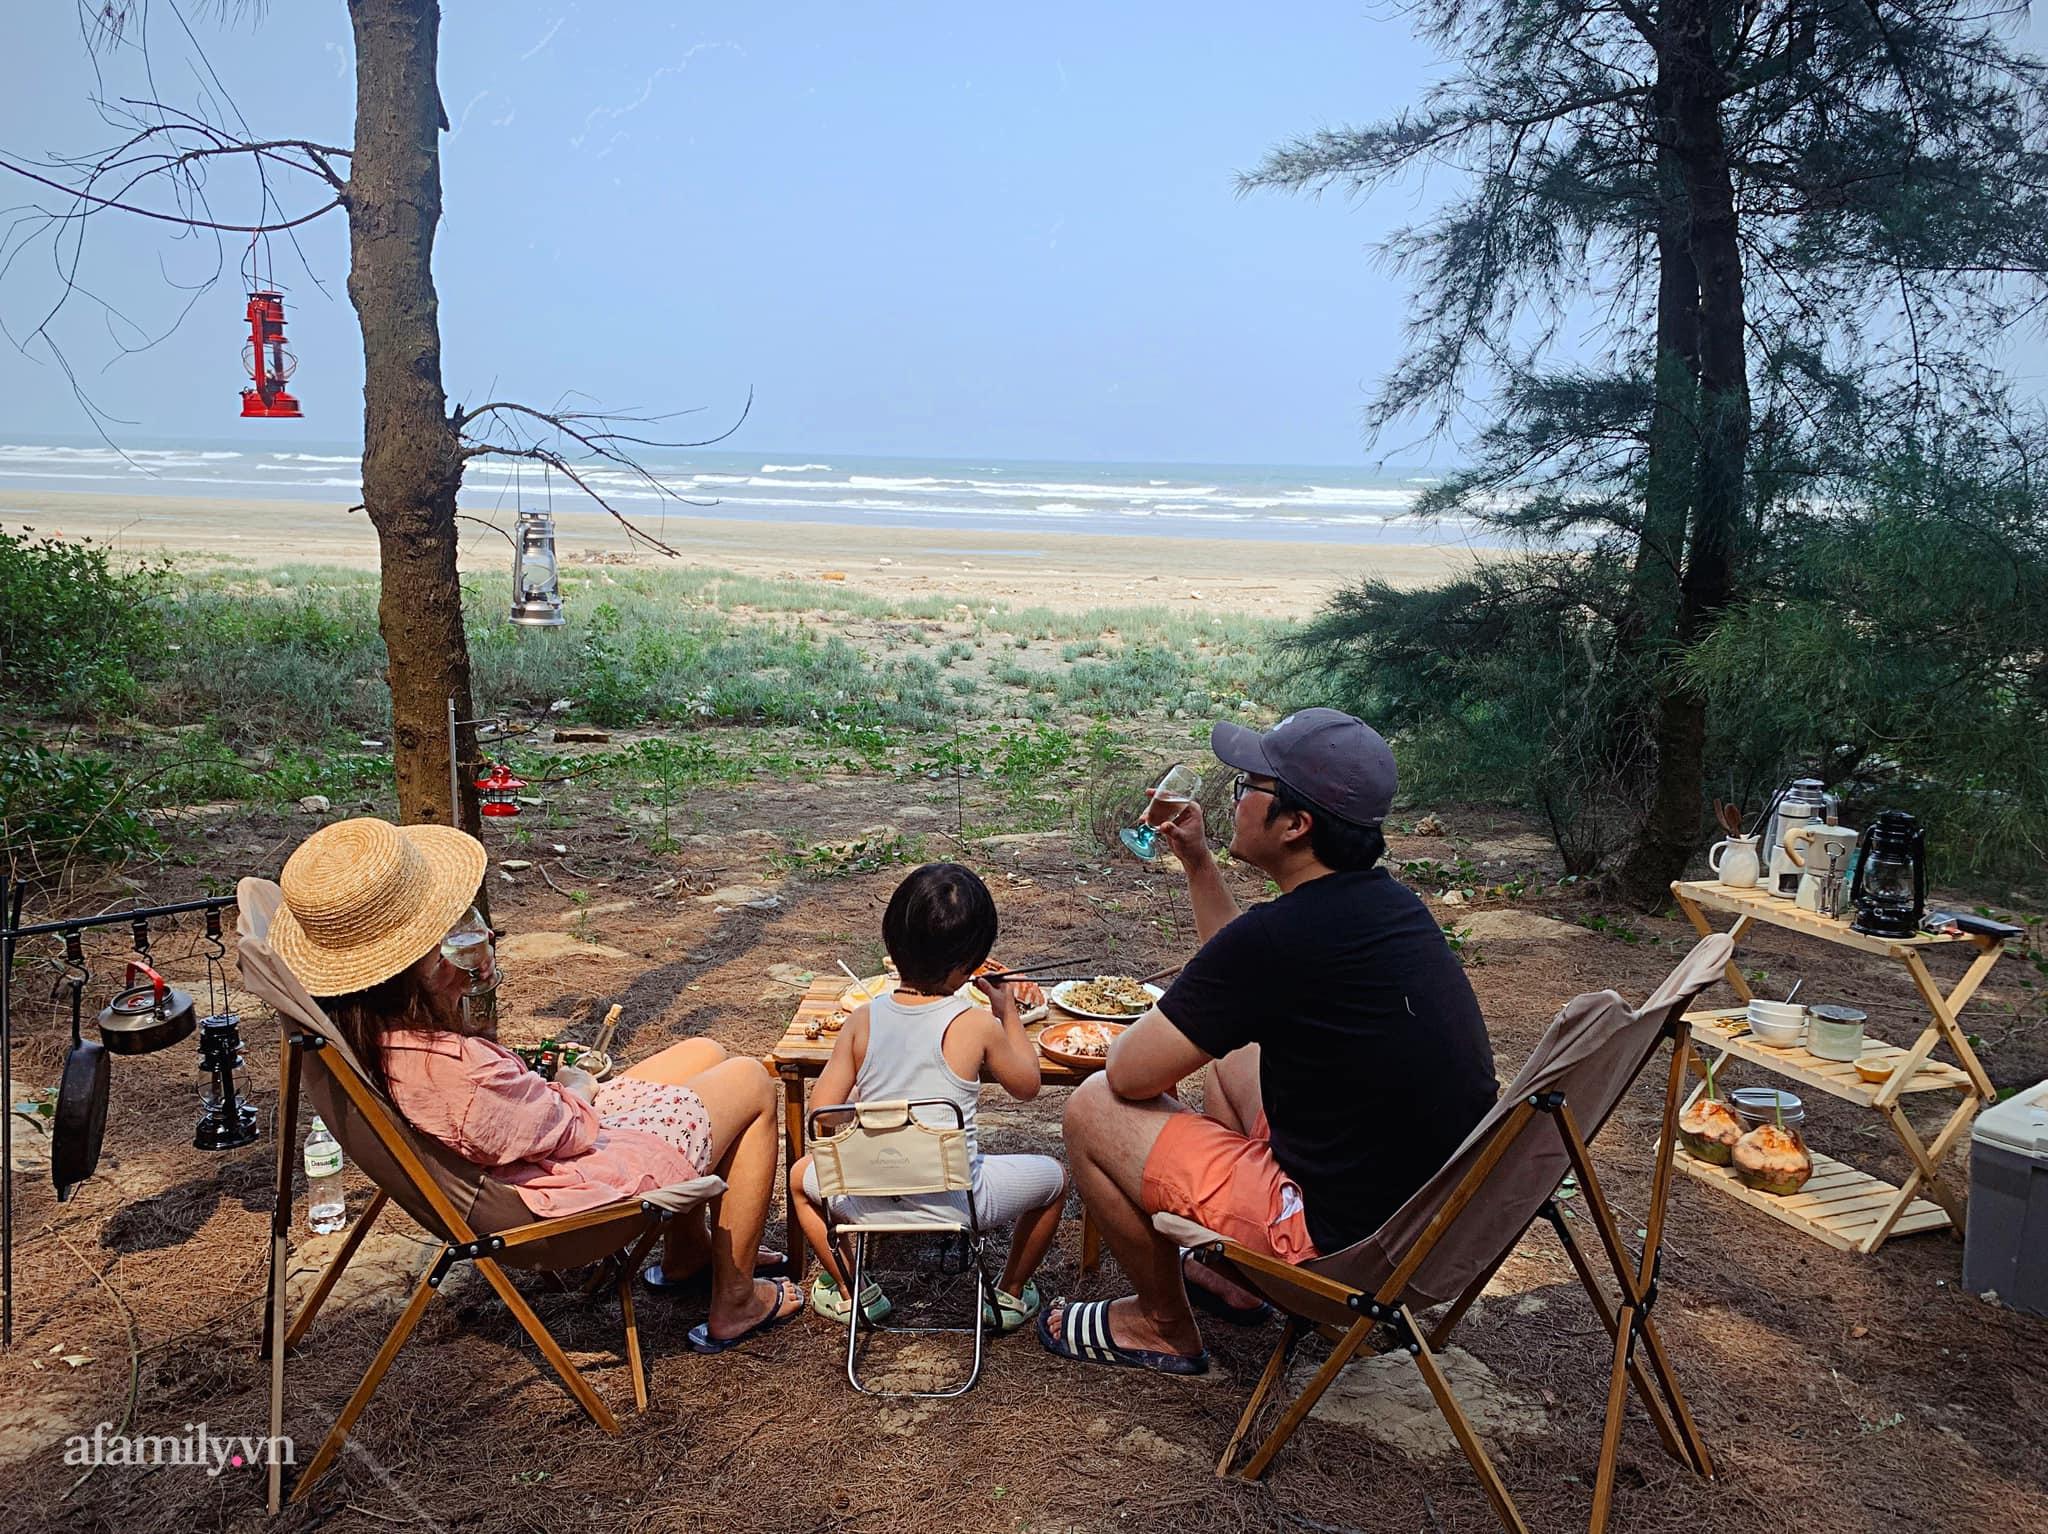 Nghỉ lễ 30/4 nhiều gia đình chắc sẽ chọn đi camping, nhưng làm thế nào để thật chill và thoải mái thì cũng là việc khá đau đầu - Ảnh 3.